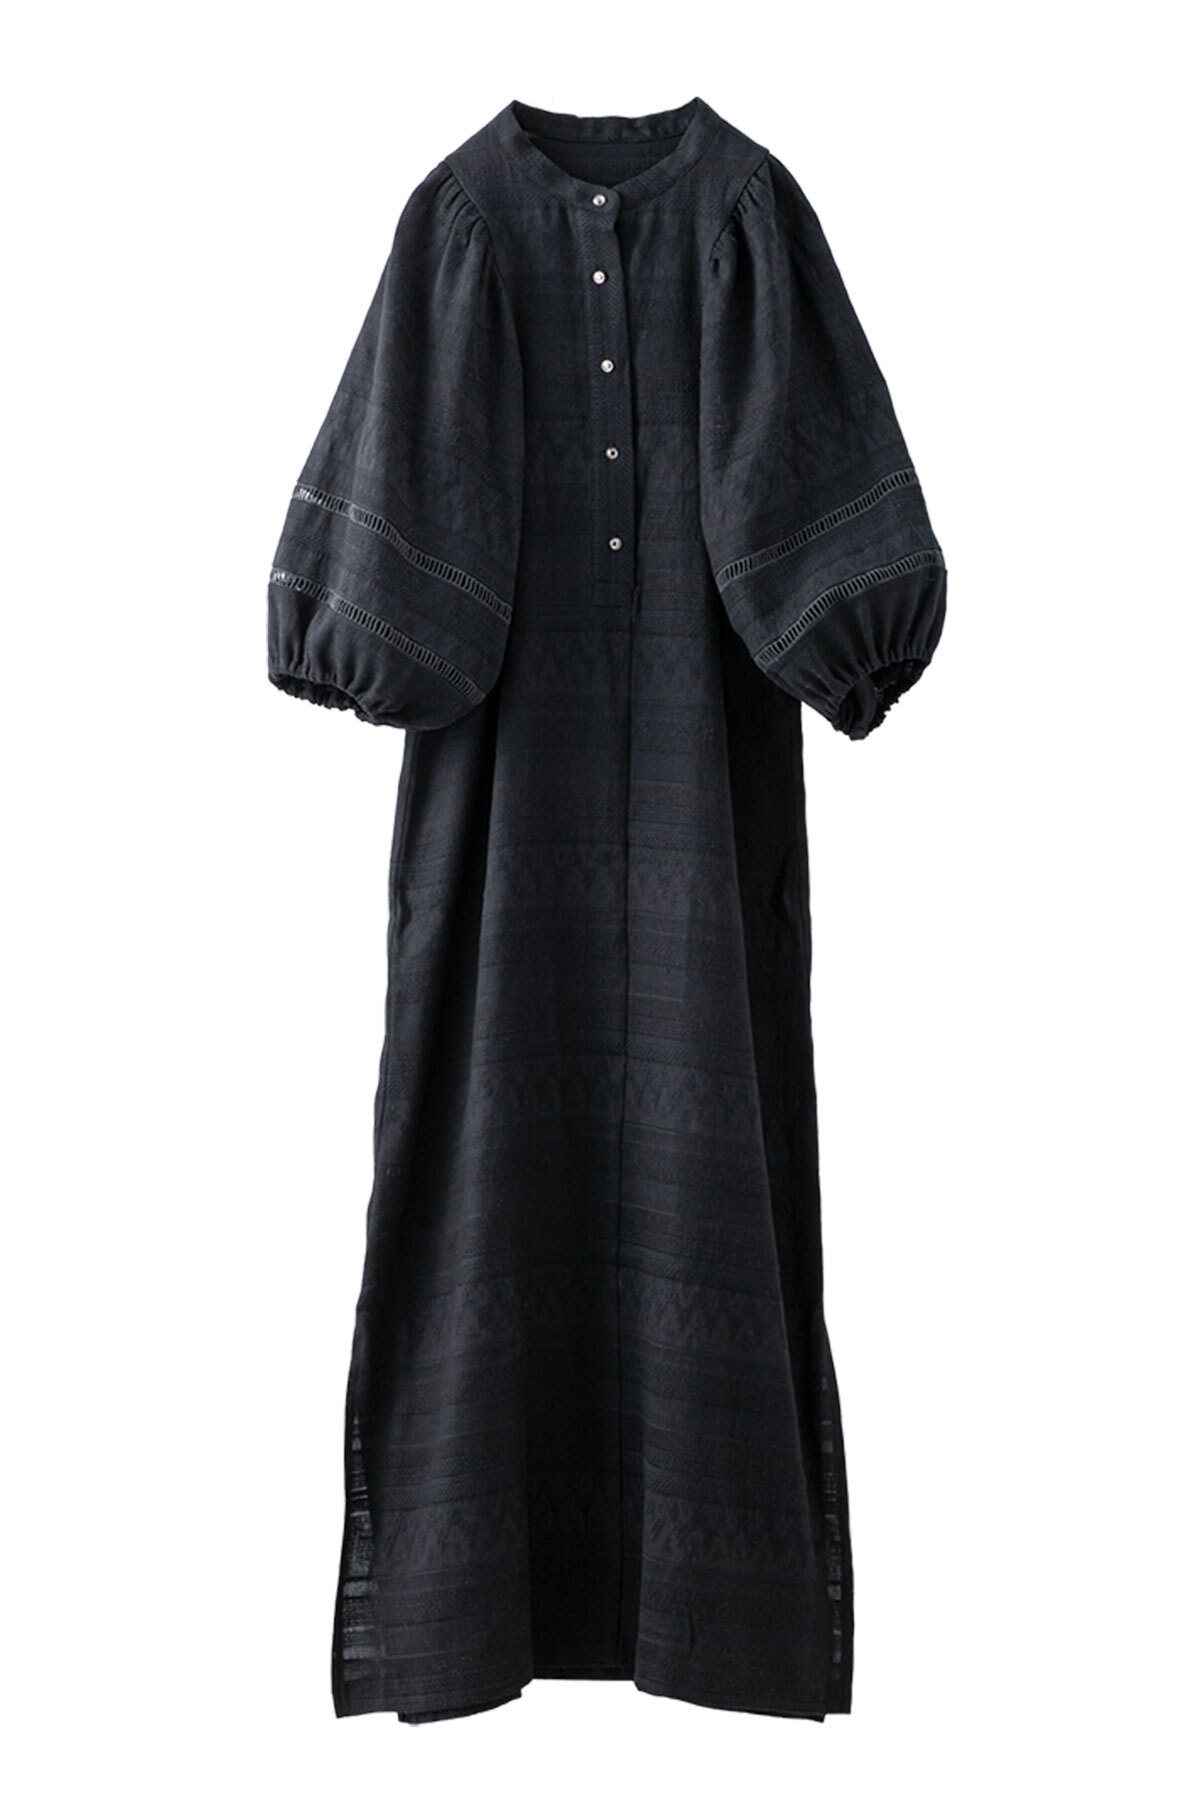 バルーンスリーブエスニックドレス <ブラック>